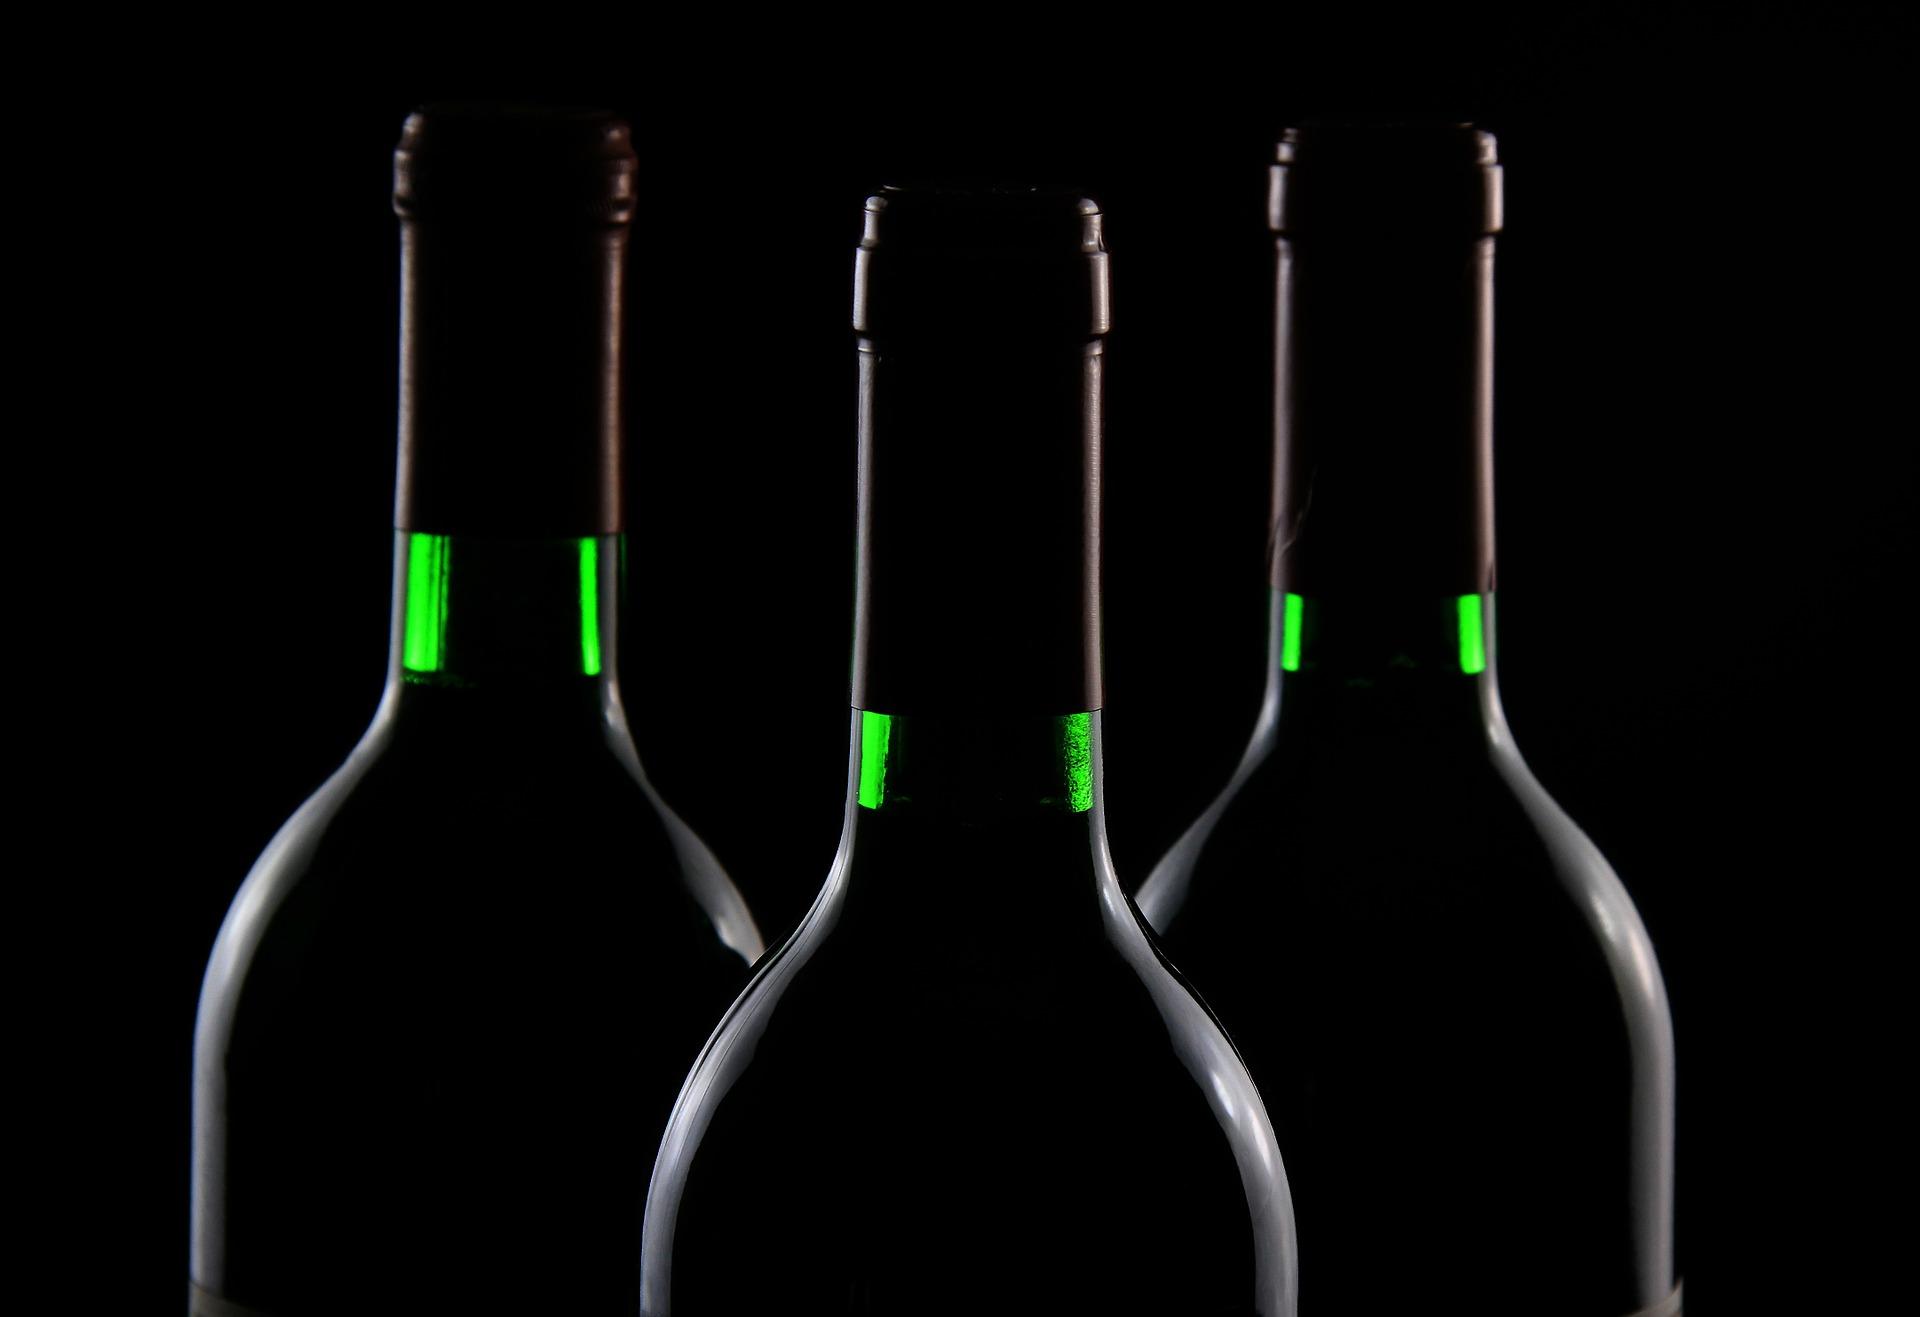 bouteille vin saint emilion chateau haute neuve